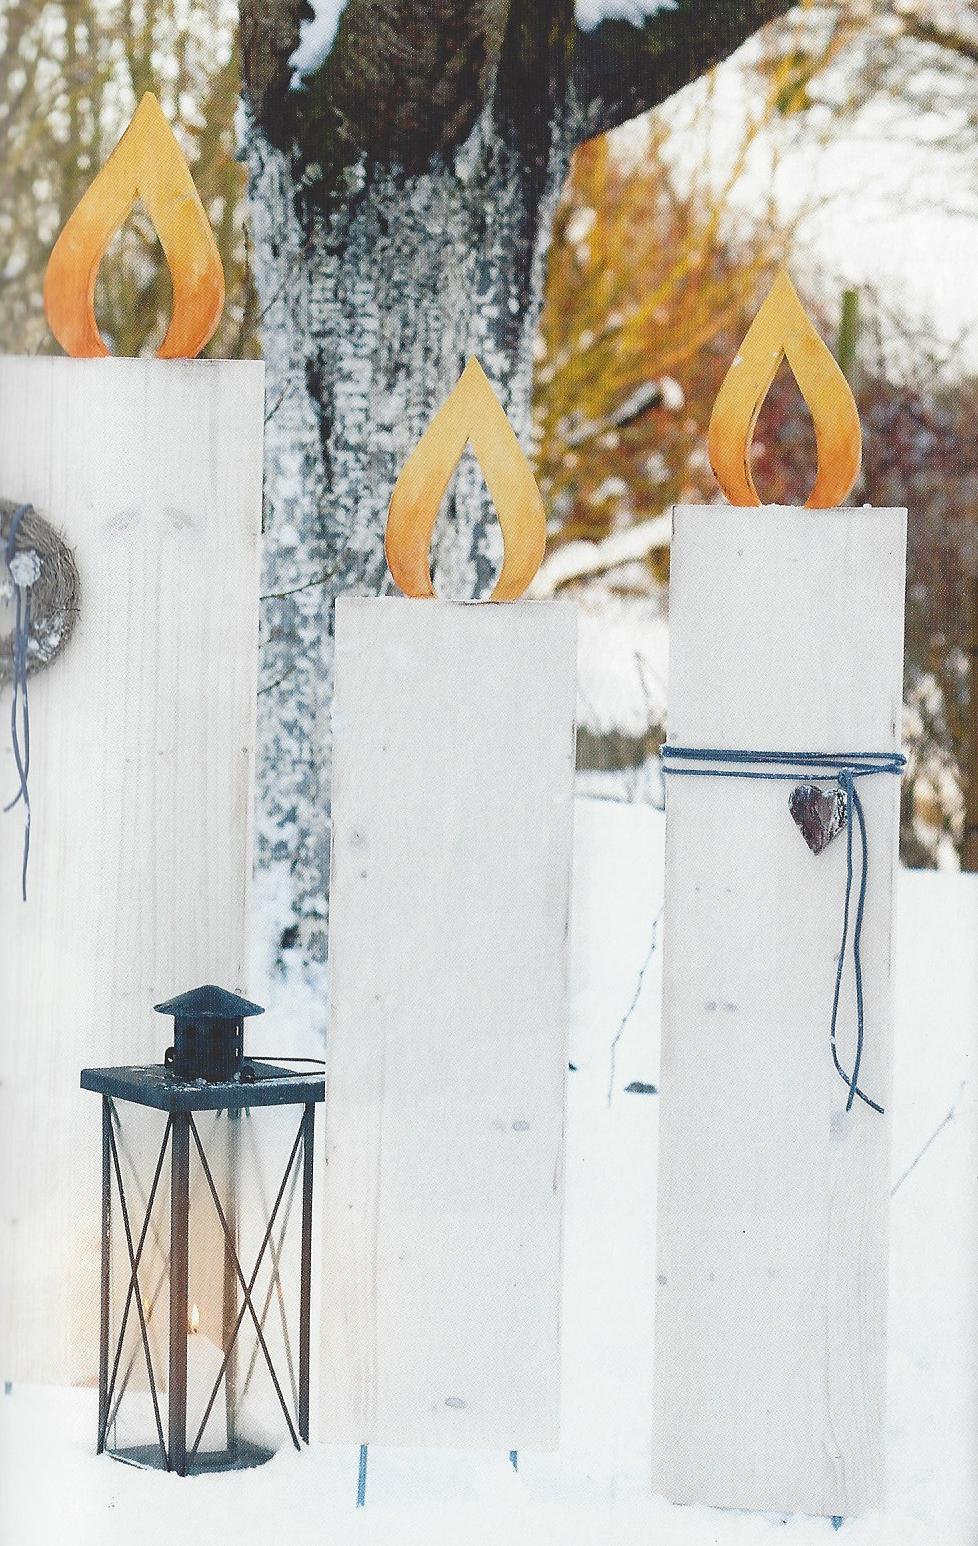 Willkommens-Steele Holz Beispiels-Bild Buch Topp-Verlag